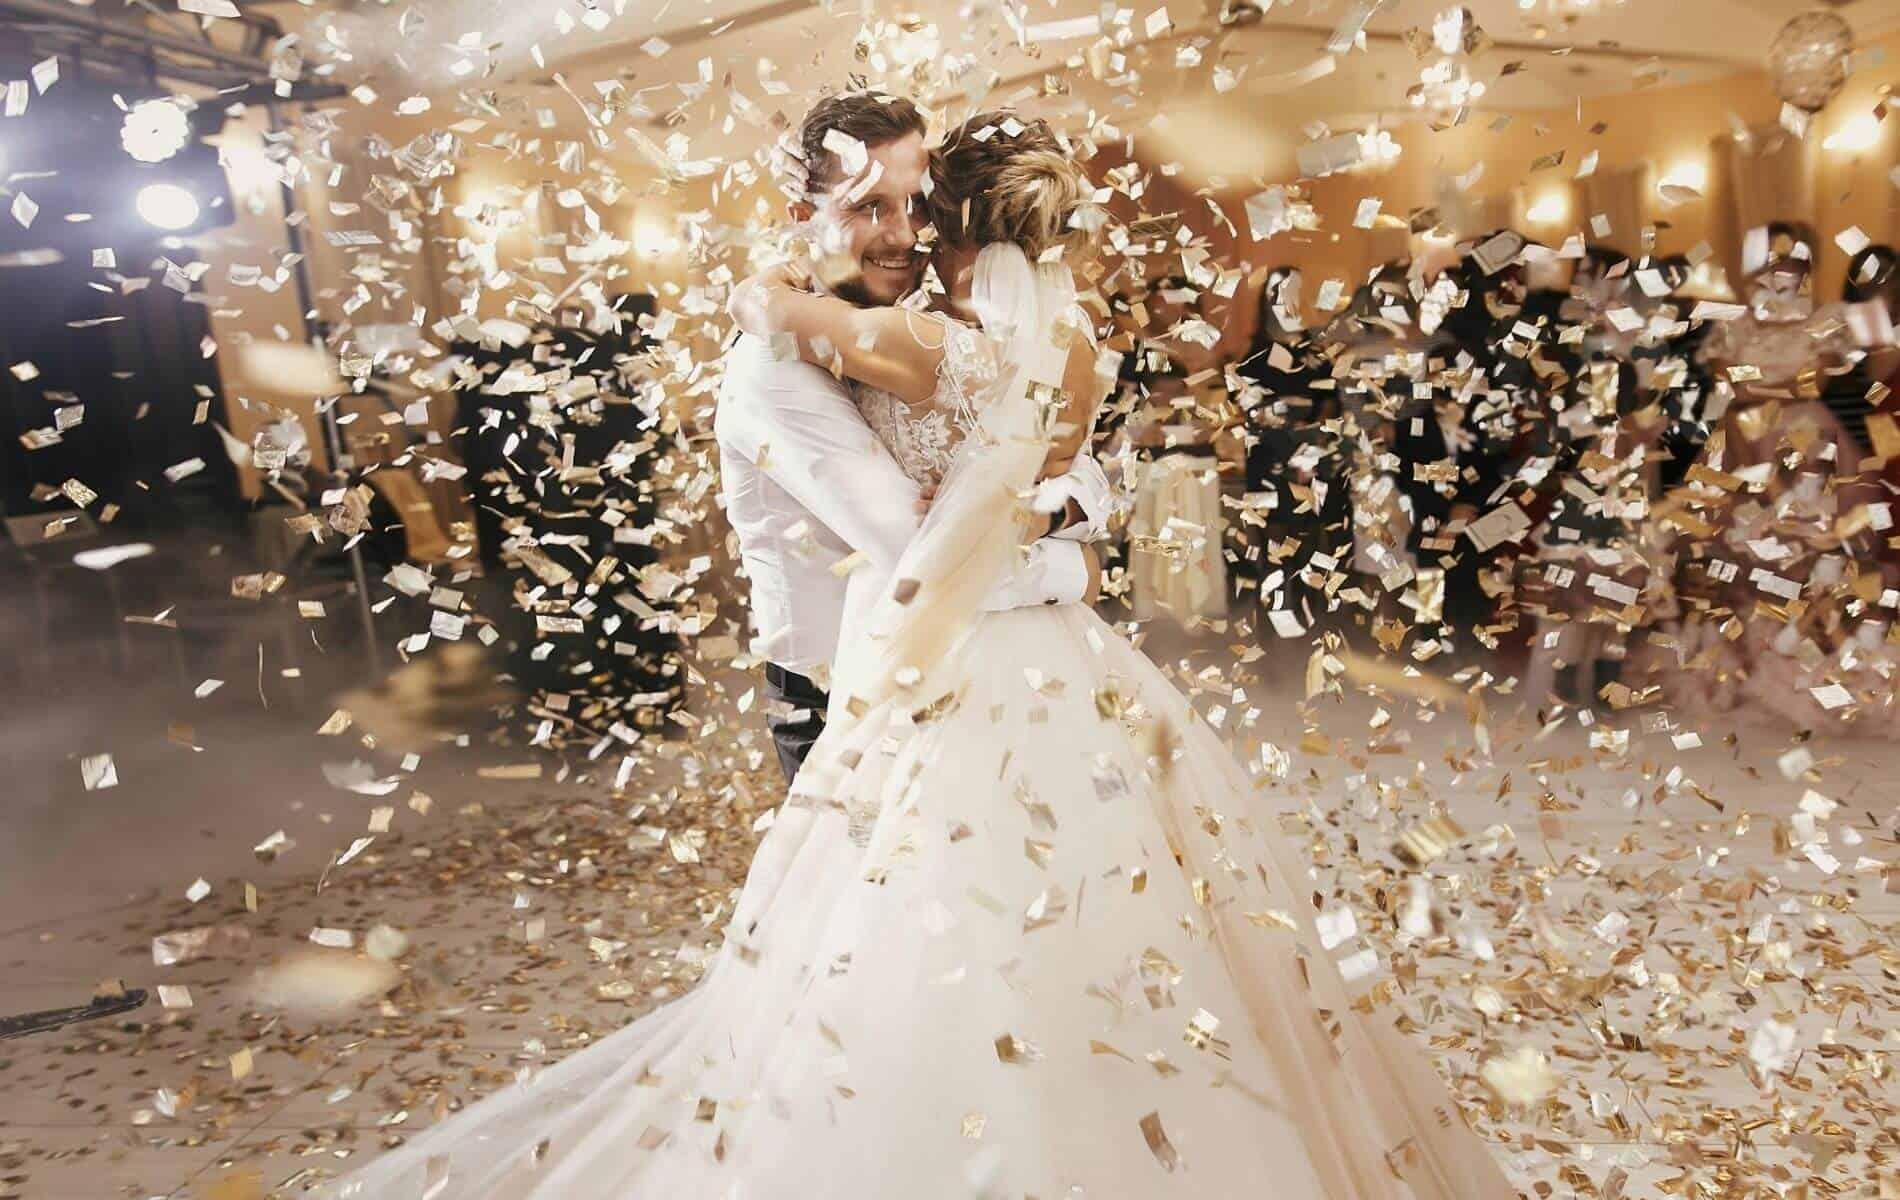 Hochzeitsinspiration: Ideen und Träume für eine gelungene Hochzeit